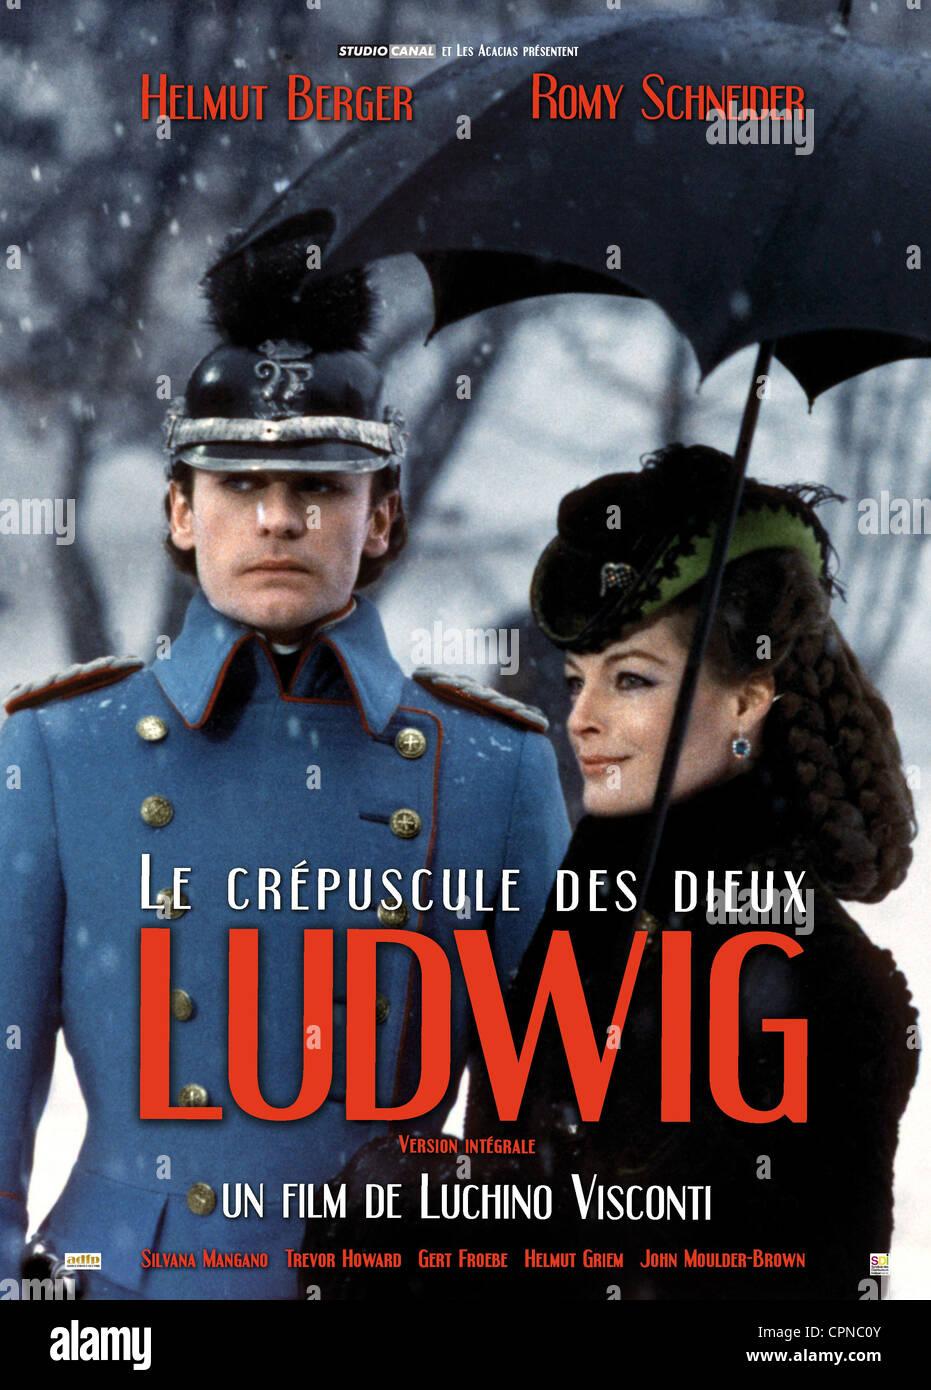 Ludwig - Stock Image